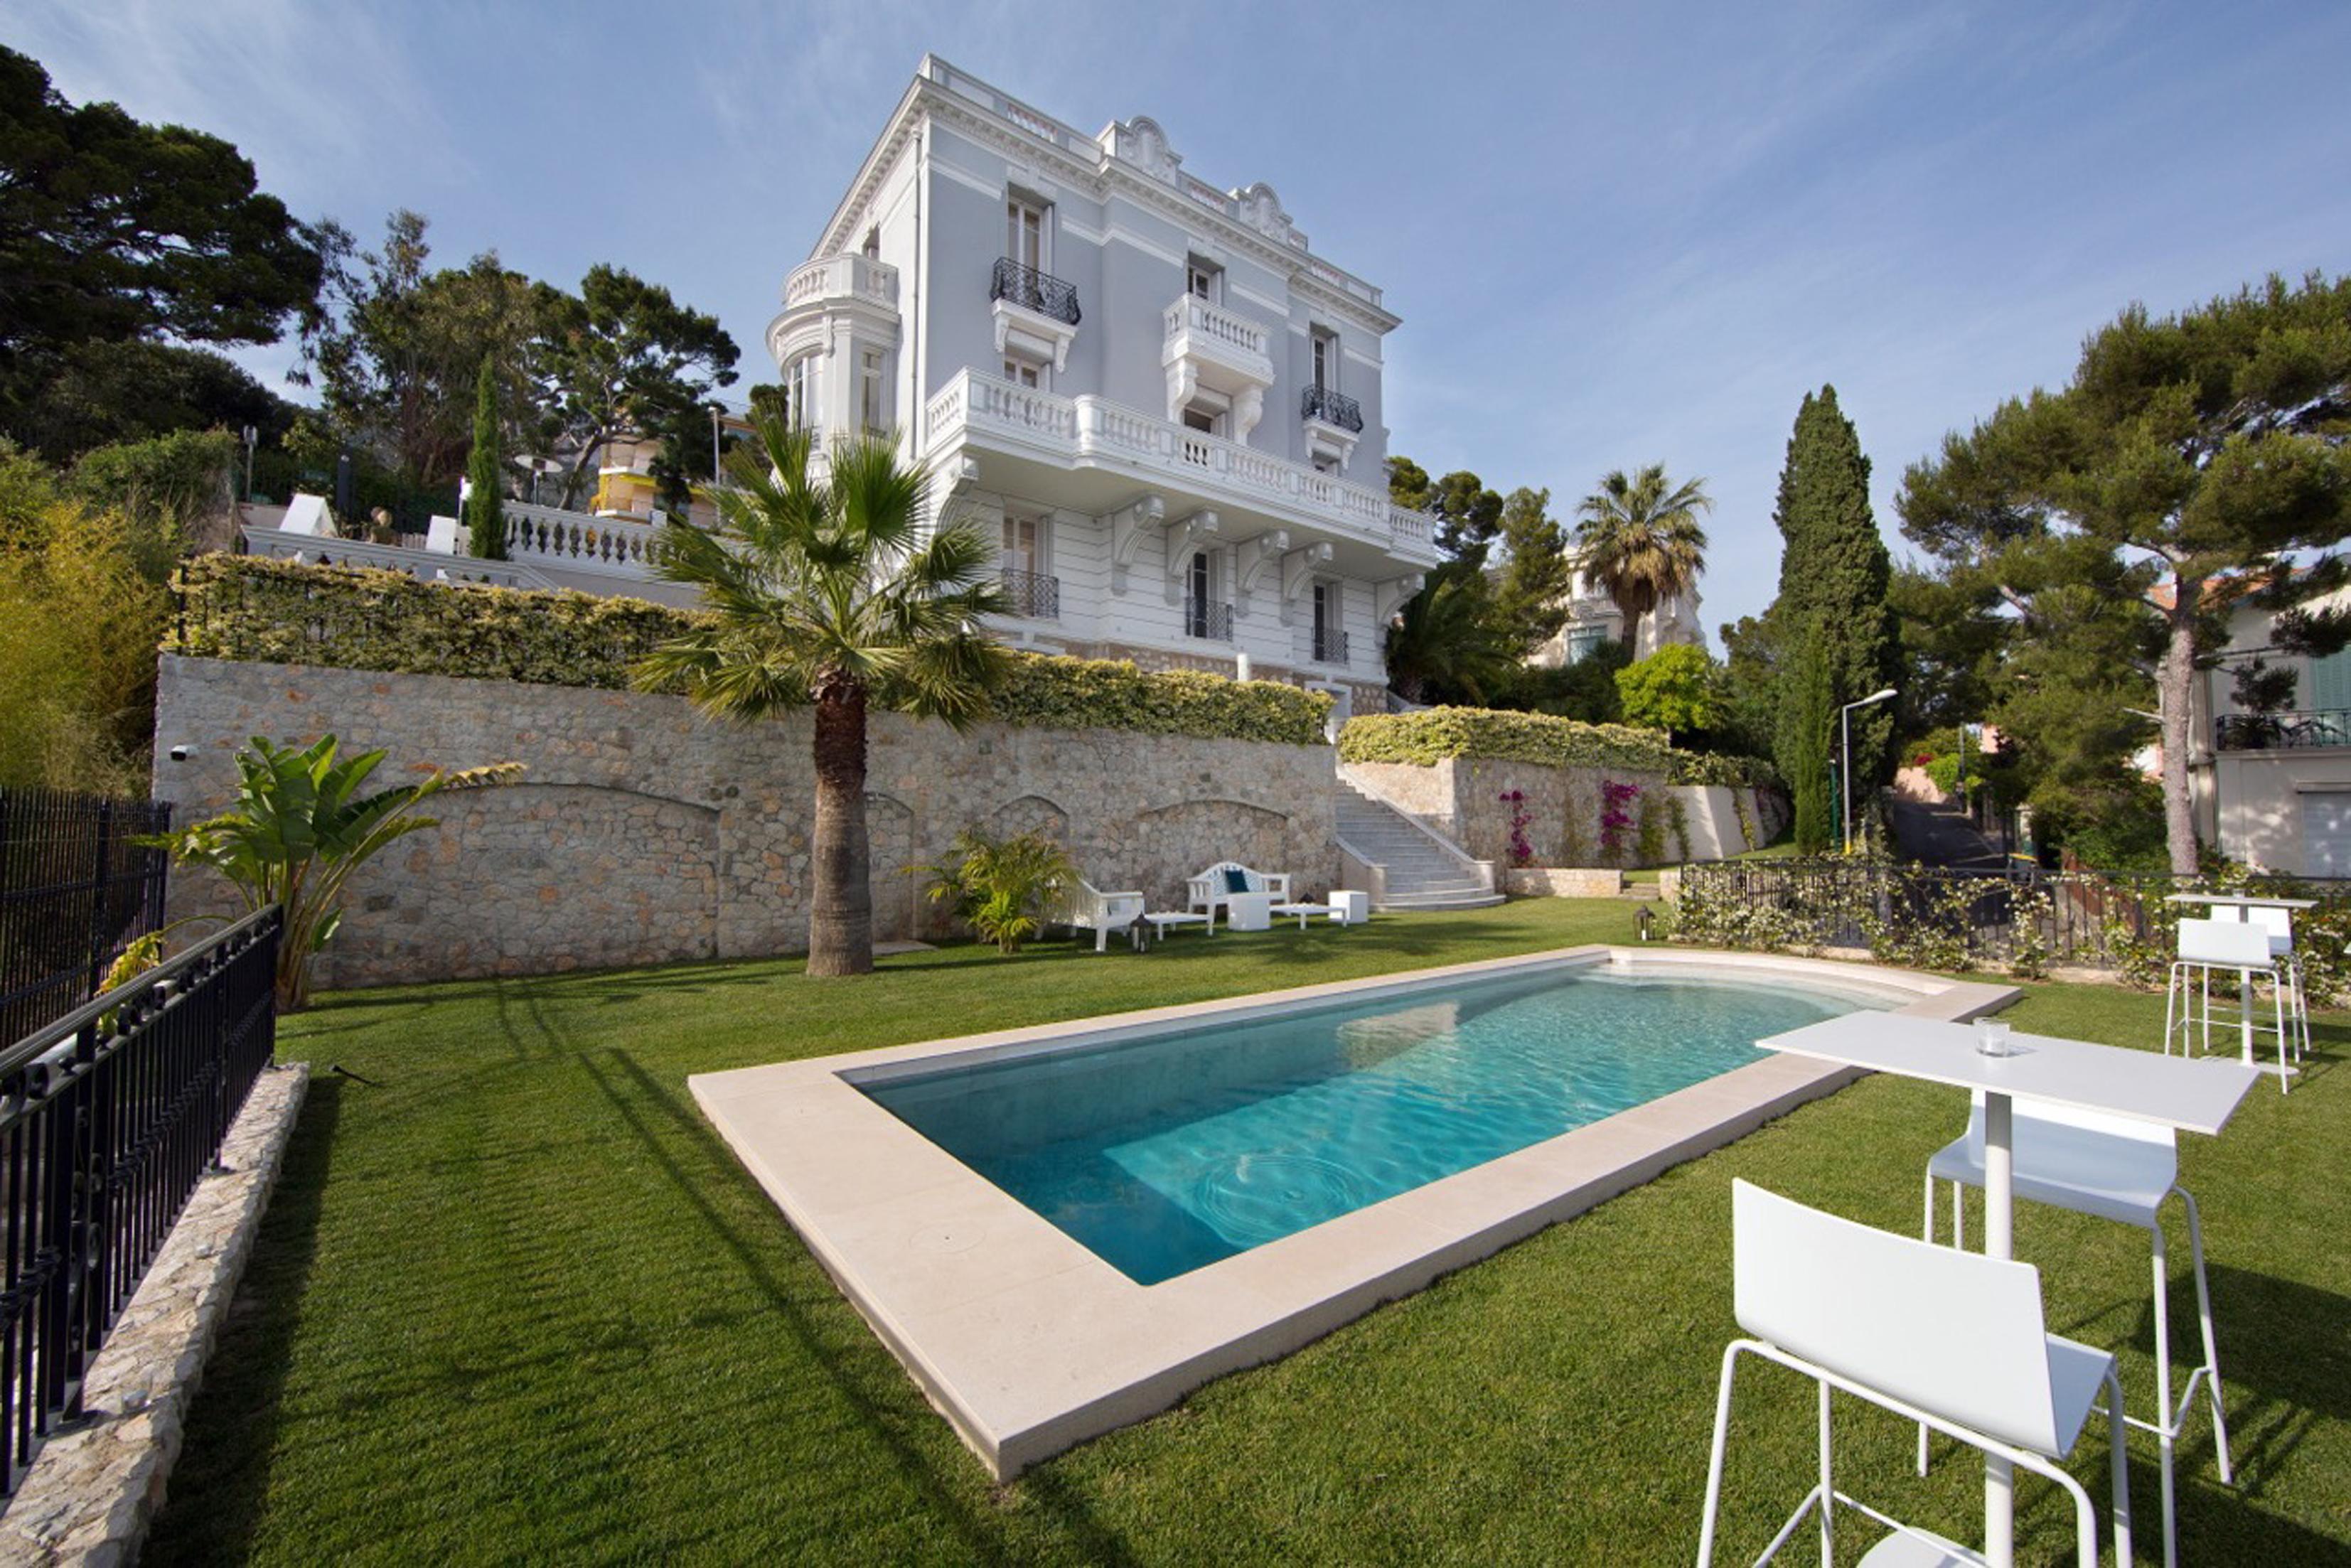 10 casas de vacaciones al alcance de todos los bolsillos para veranear como los ricos y famosos. Black Bedroom Furniture Sets. Home Design Ideas